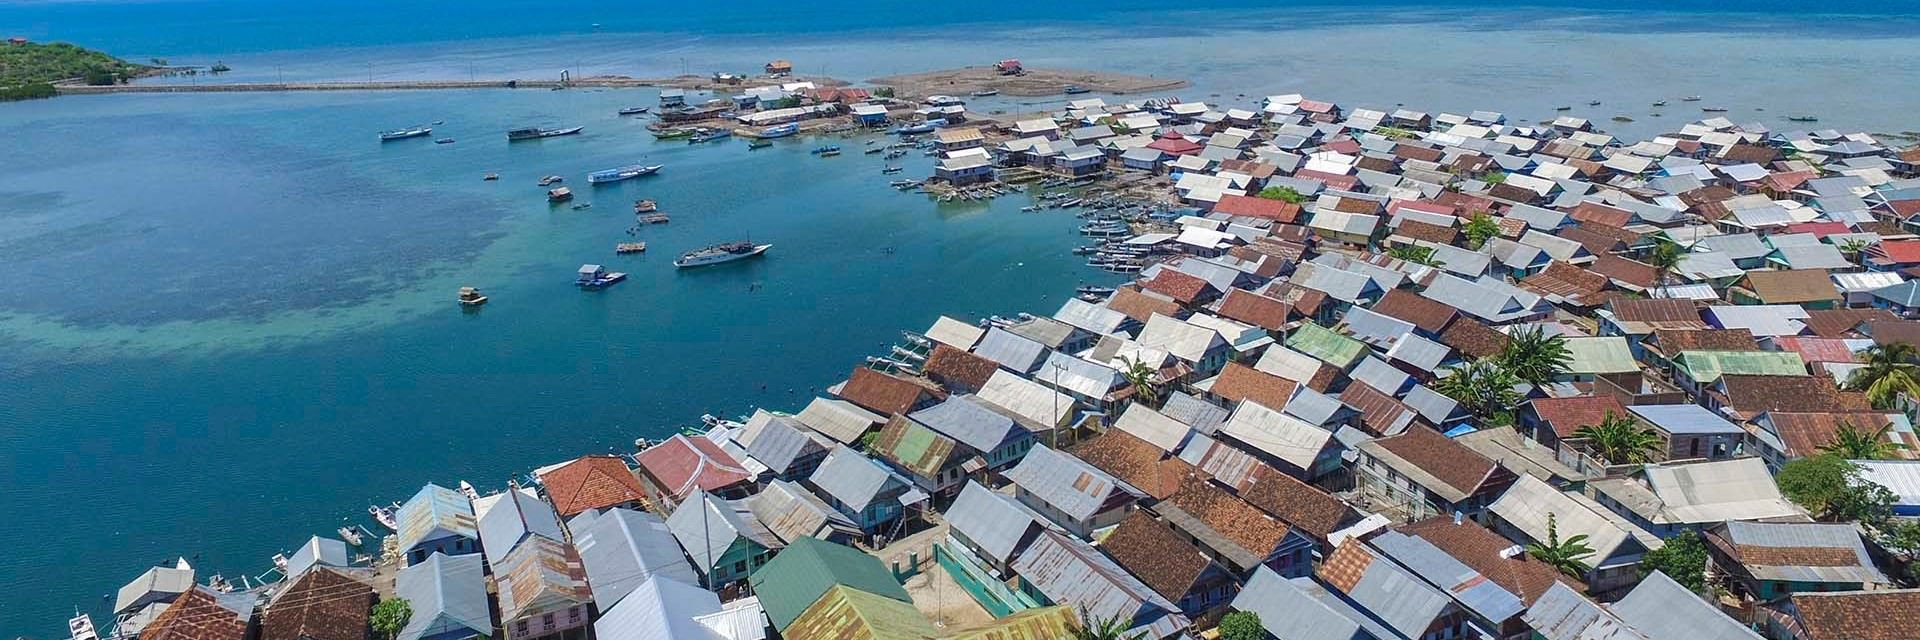 Pulau Bungin Pulau Terpadat Indonesia Pulau Bungin Pulau Terpadat Indonesia - Dolan Dolen